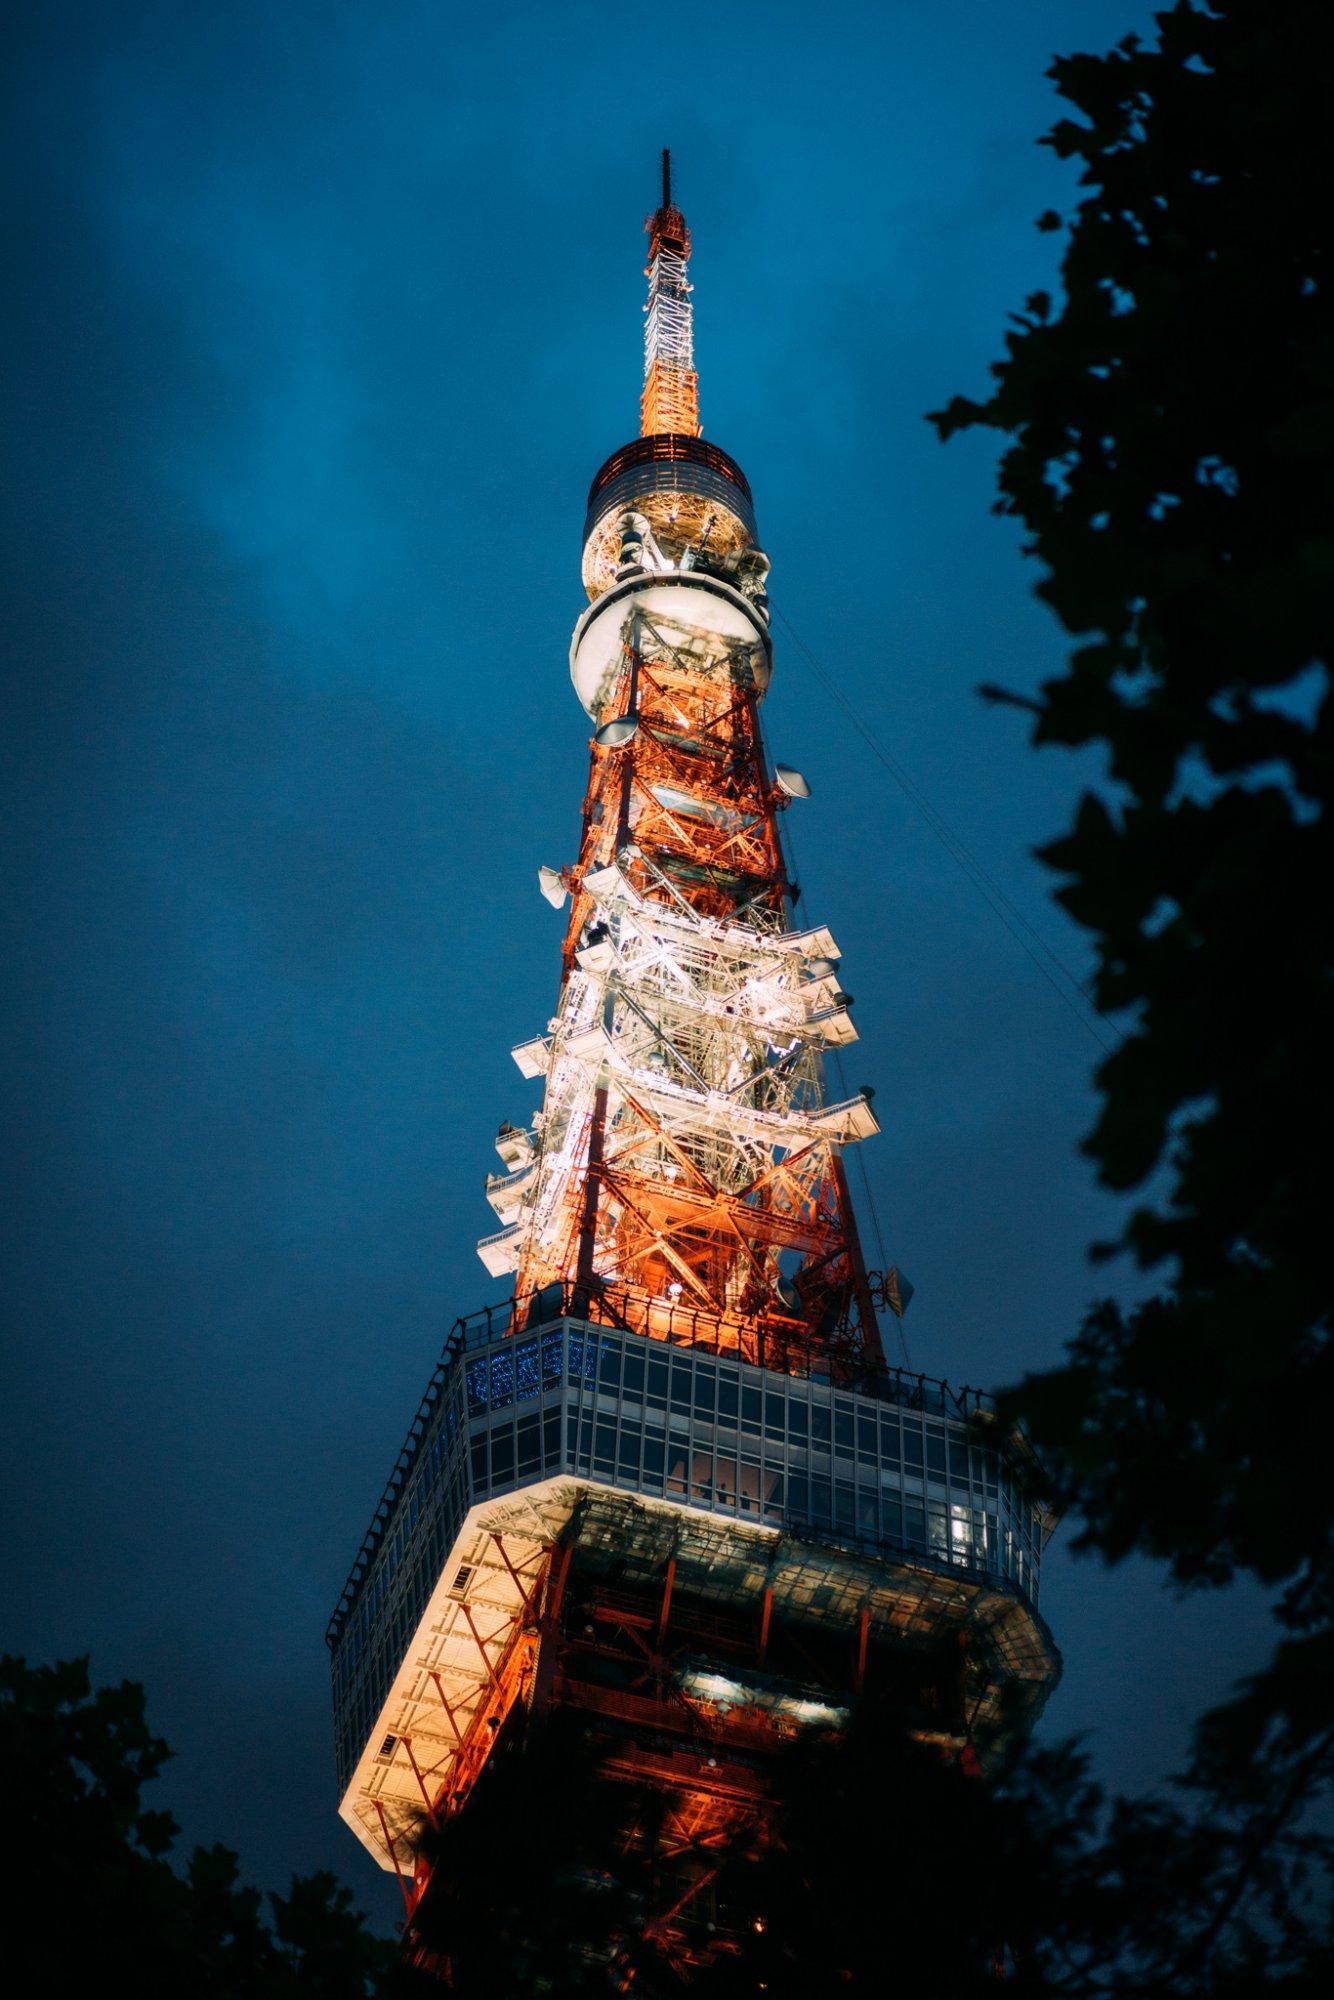 J_Bostwick_-_Nippon_-_20190718_-_JB_06091.jpg